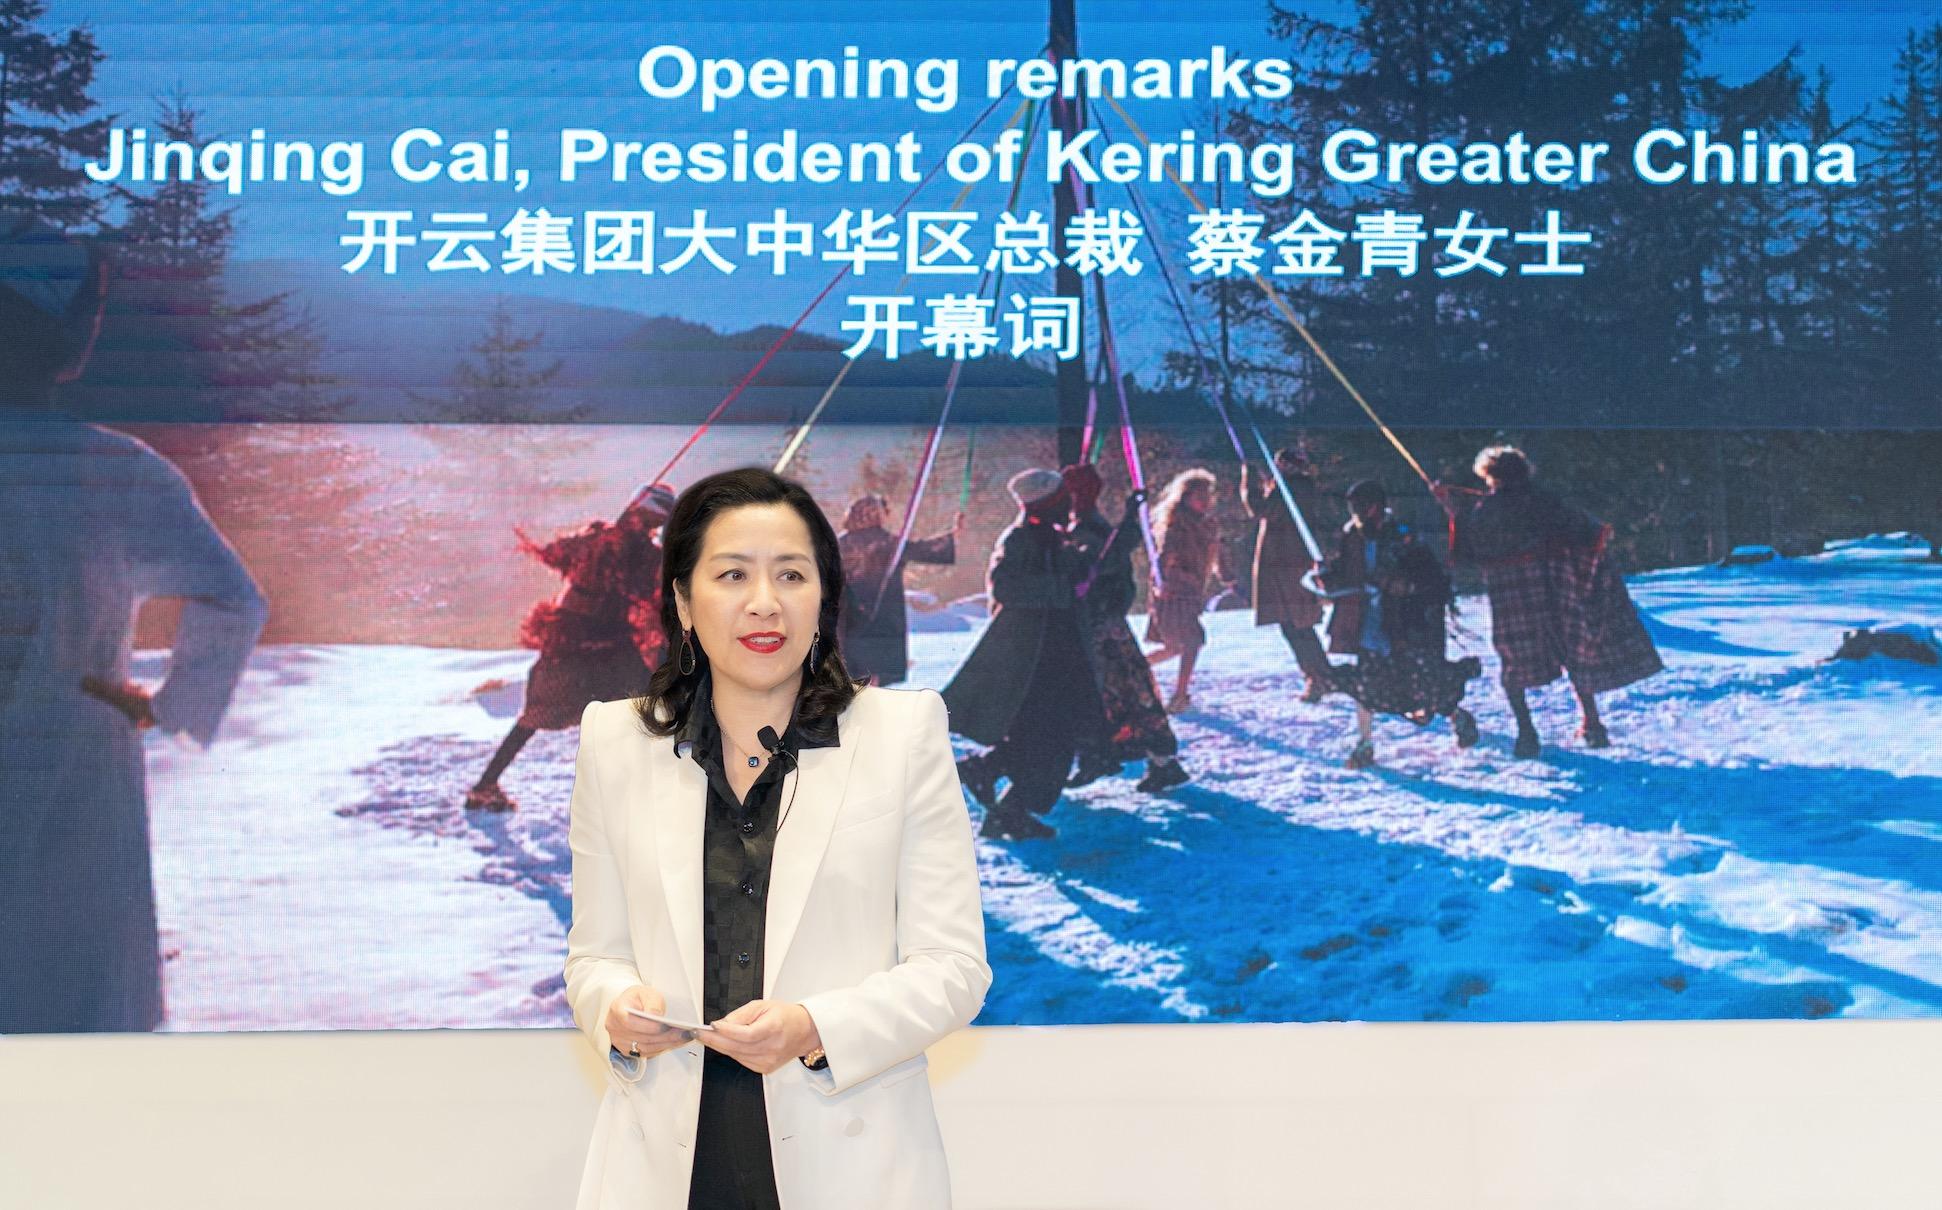 法国开云集团在上海时装周举办创新材料论坛:让时尚拥抱可持续的未来